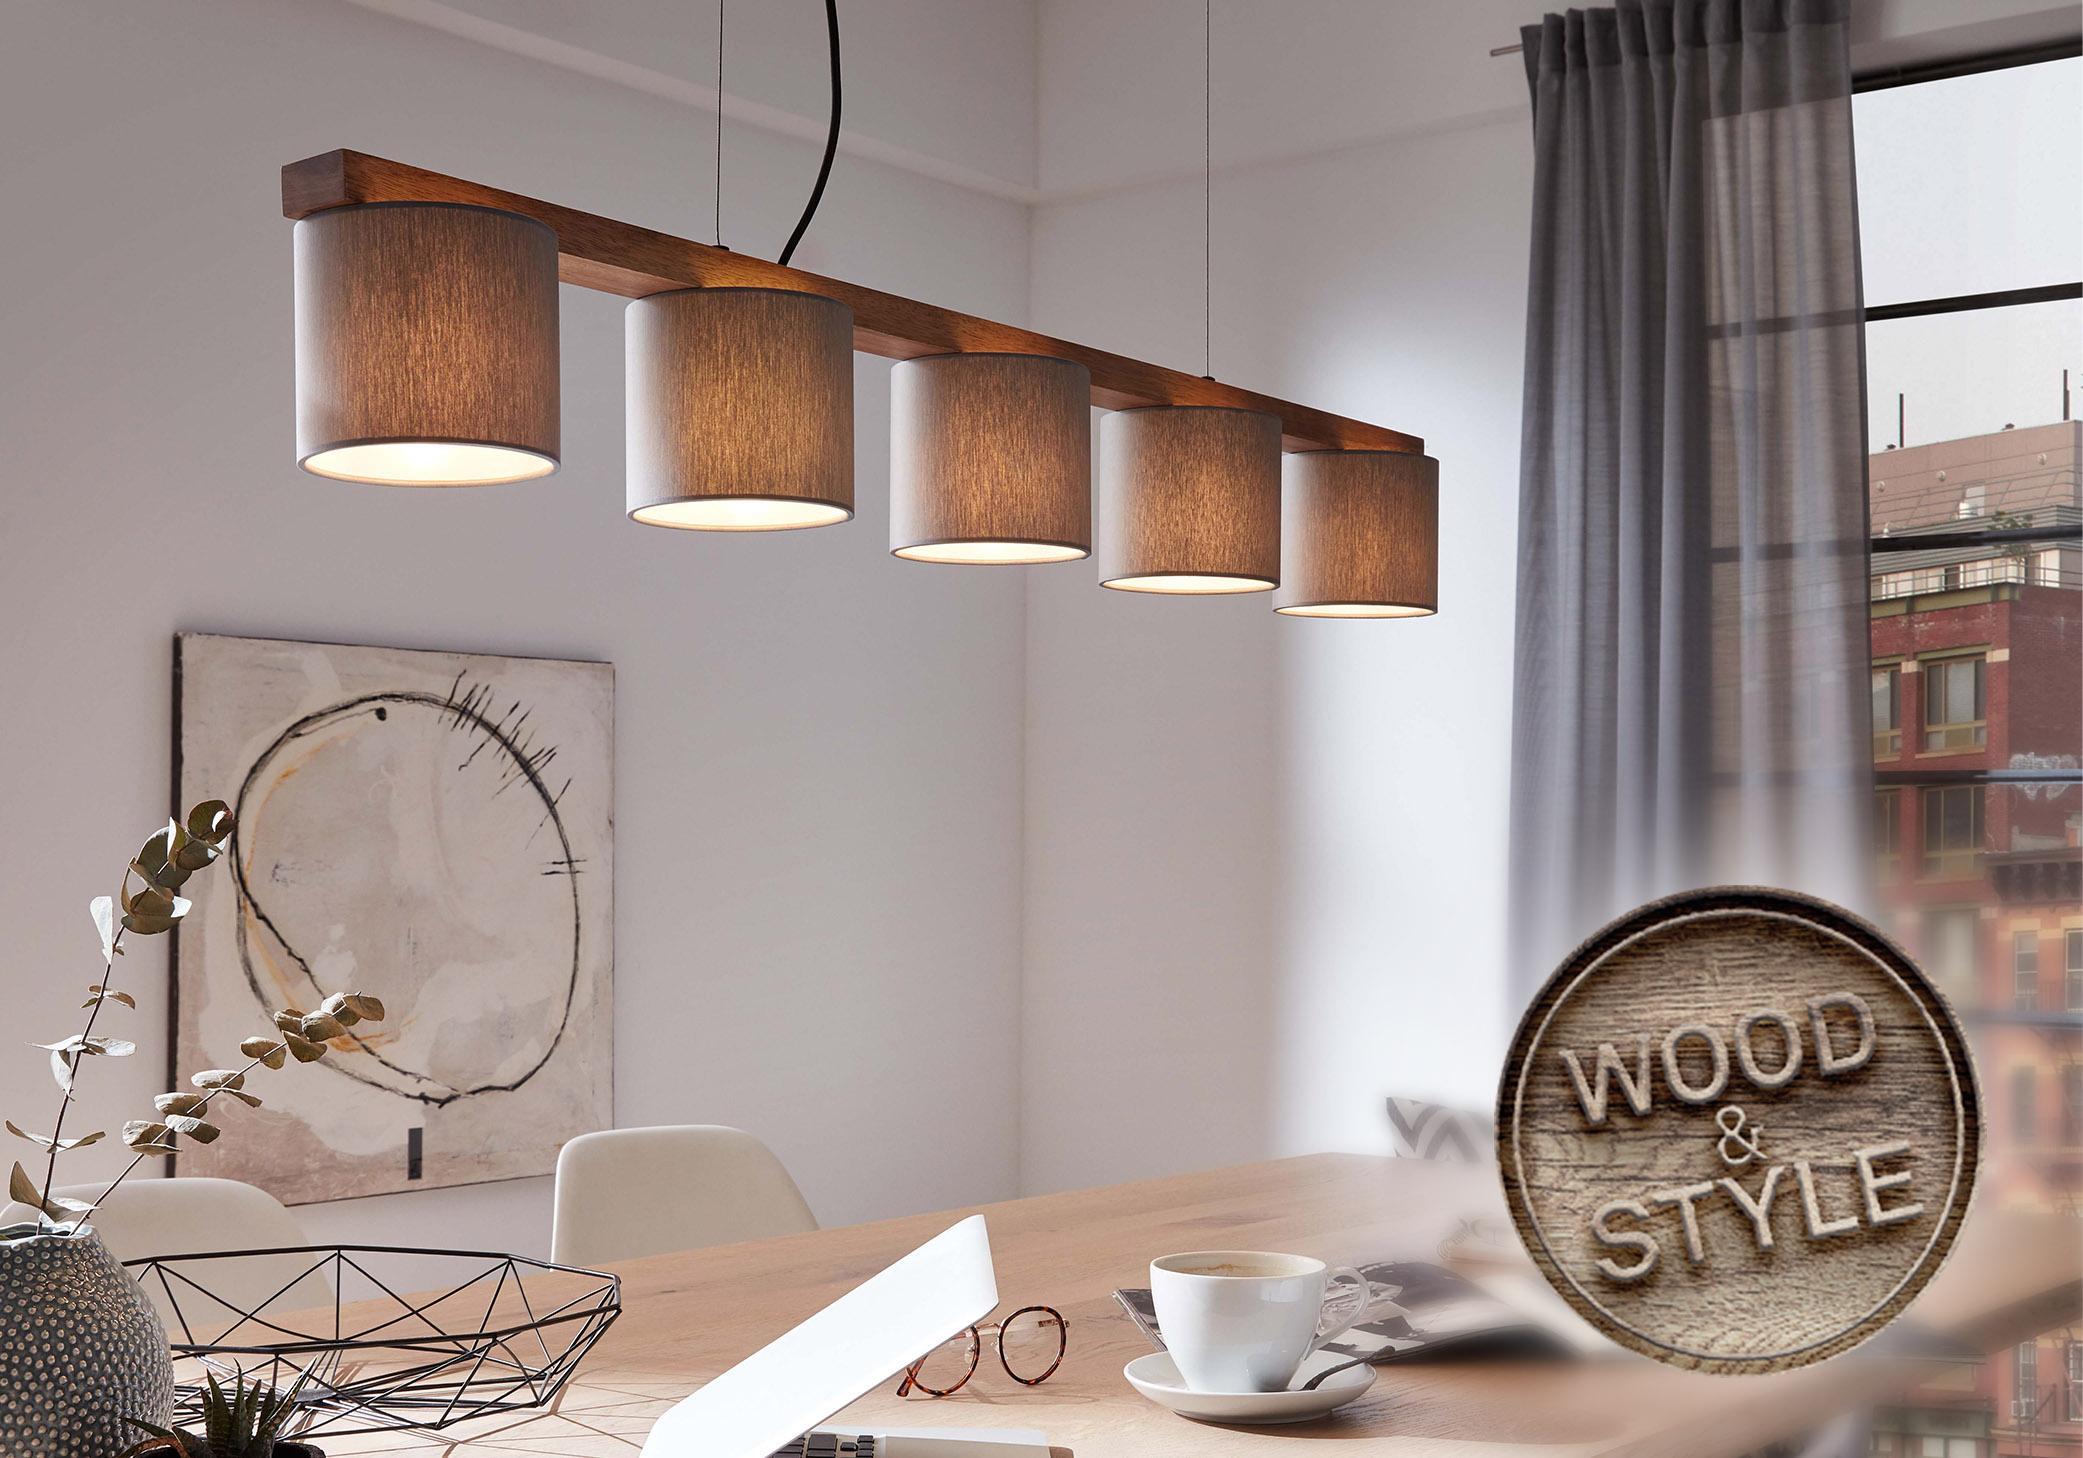 LED Pendelleuchte über einem Esstisch im Stil Wood & Style